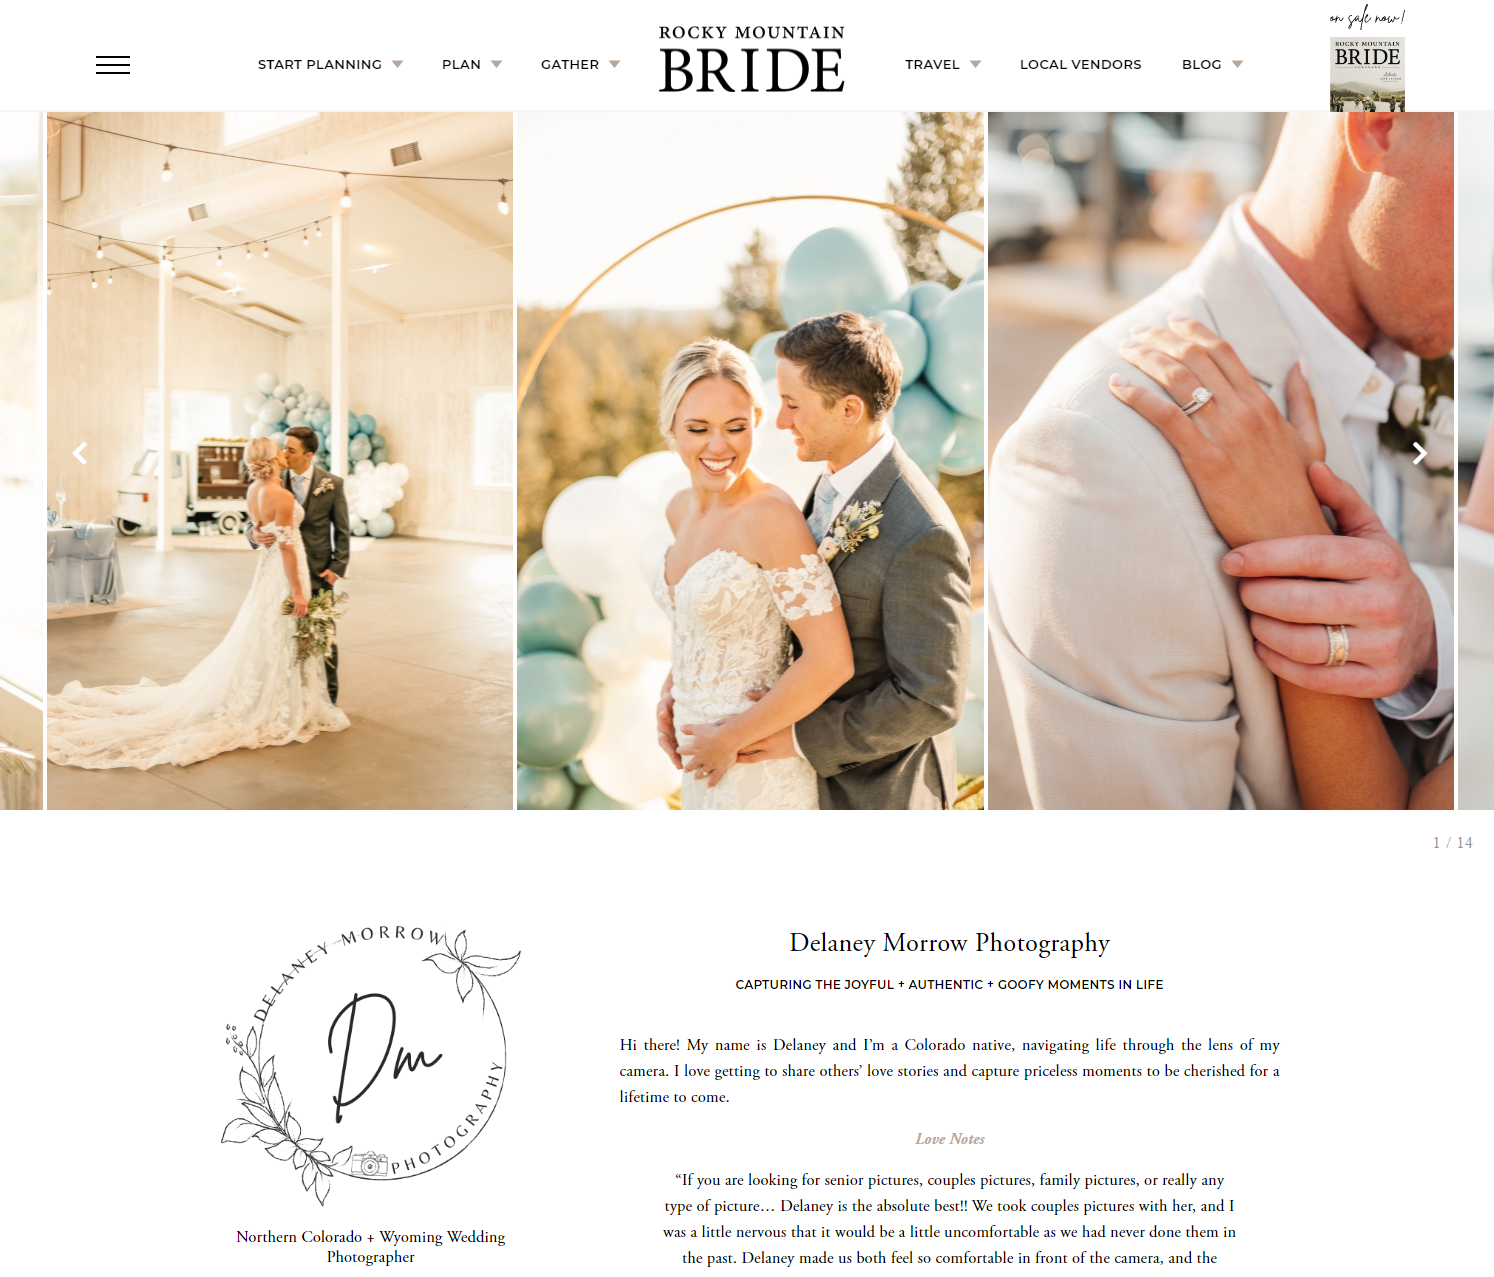 Rocky Mountain Bride Vendor, Delaney Morrow Photography, Colorado Wedding Photographer, Denver Wedding Photographer, colorado portrait photographer, wedding photography